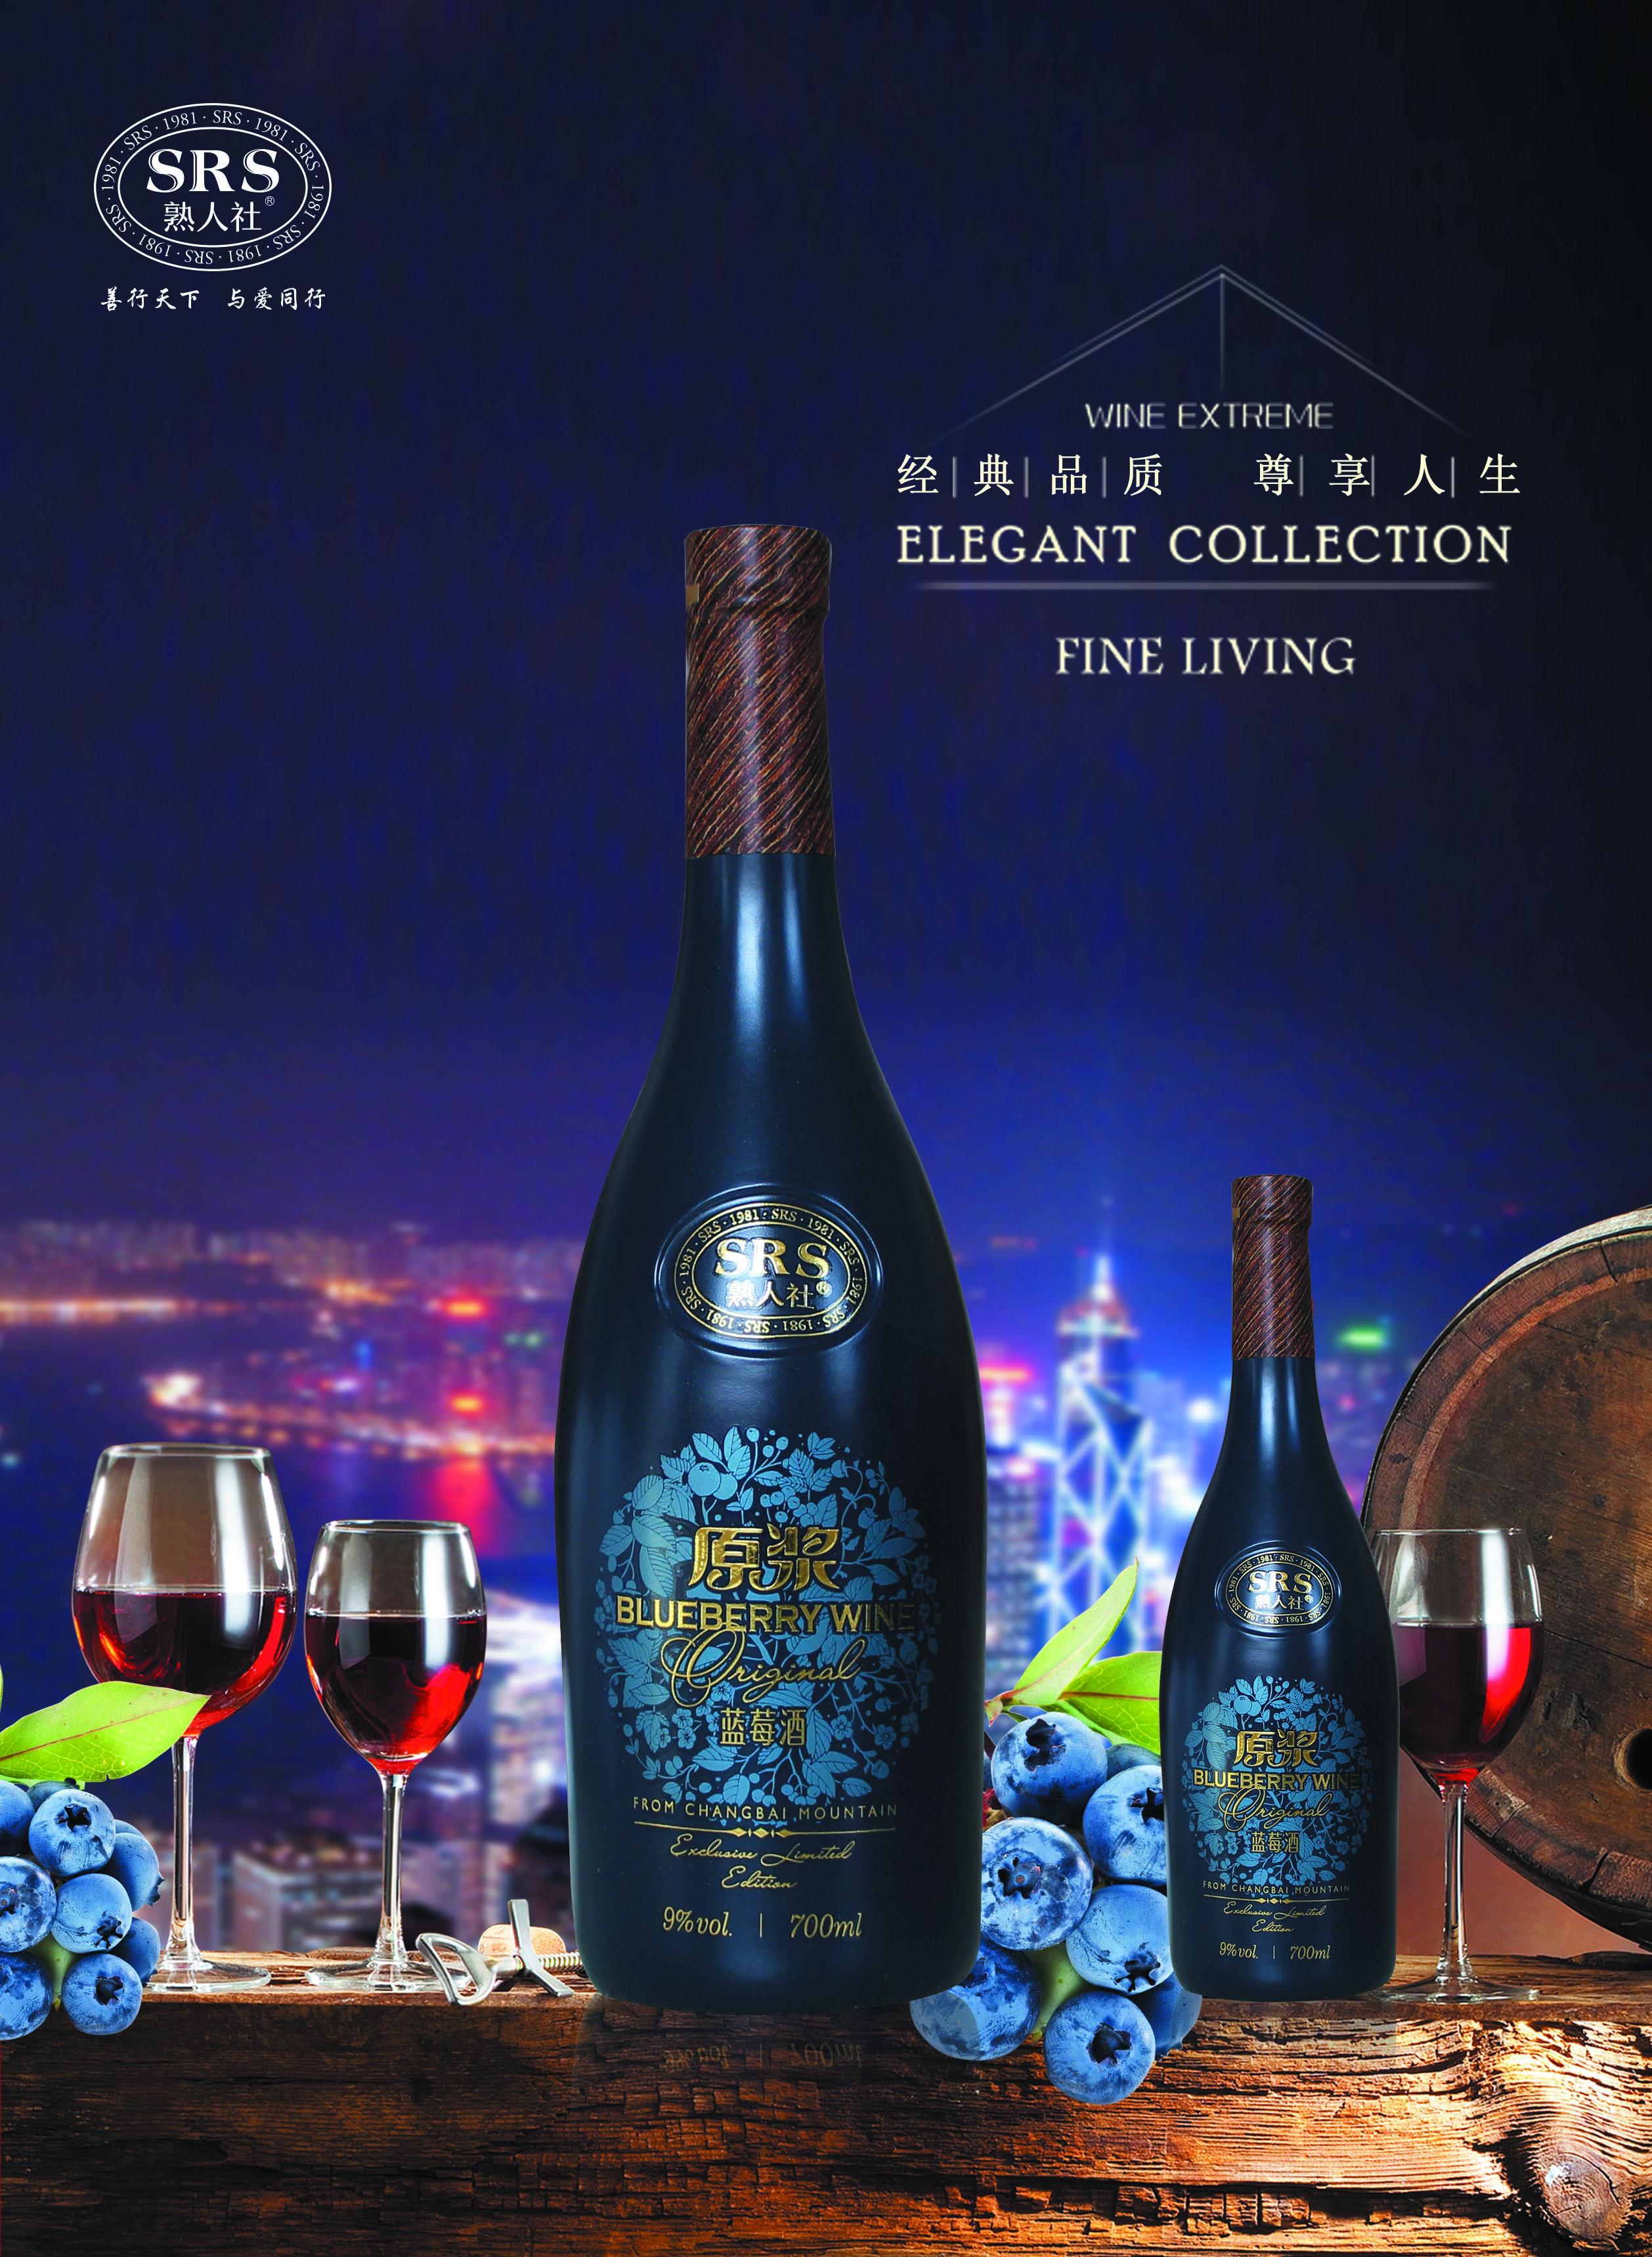 供应广东地区蓝莓酒@广东地区蓝莓酒厂家报价@广东地区蓝莓酒选广州蓝莓酒业贸易有限公司